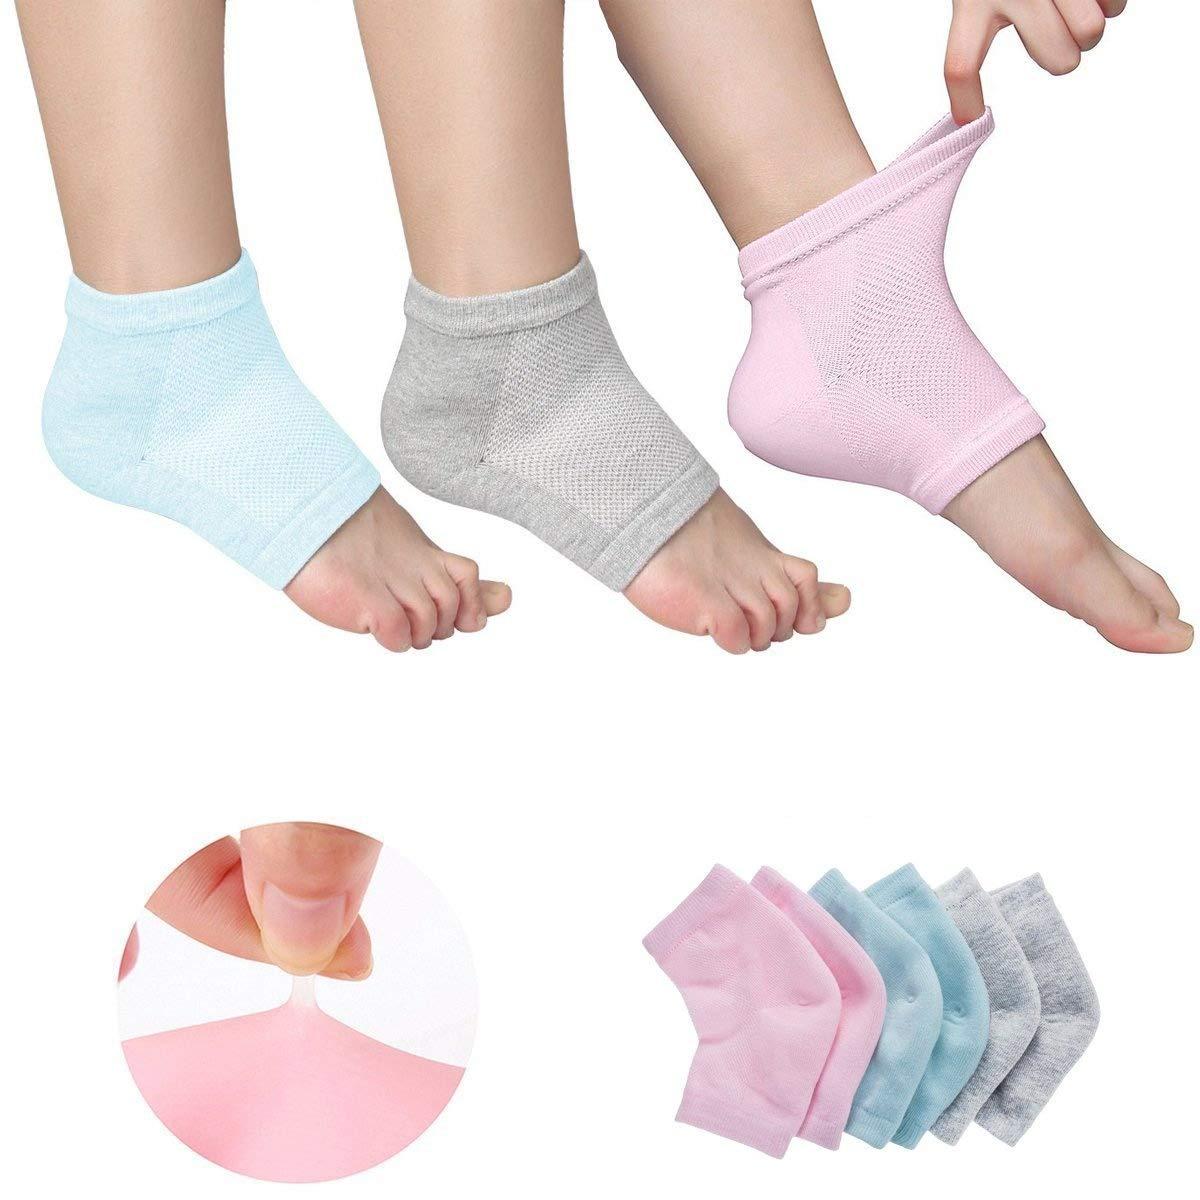 Con ventilación Hidratante Gel talón calcetines dedos abiertos pies cuidado conjuntos Ultimate Tratamiento para secado duro agrietada piel con Spa calidad Botánico Gel Pack de 3pares KENTY